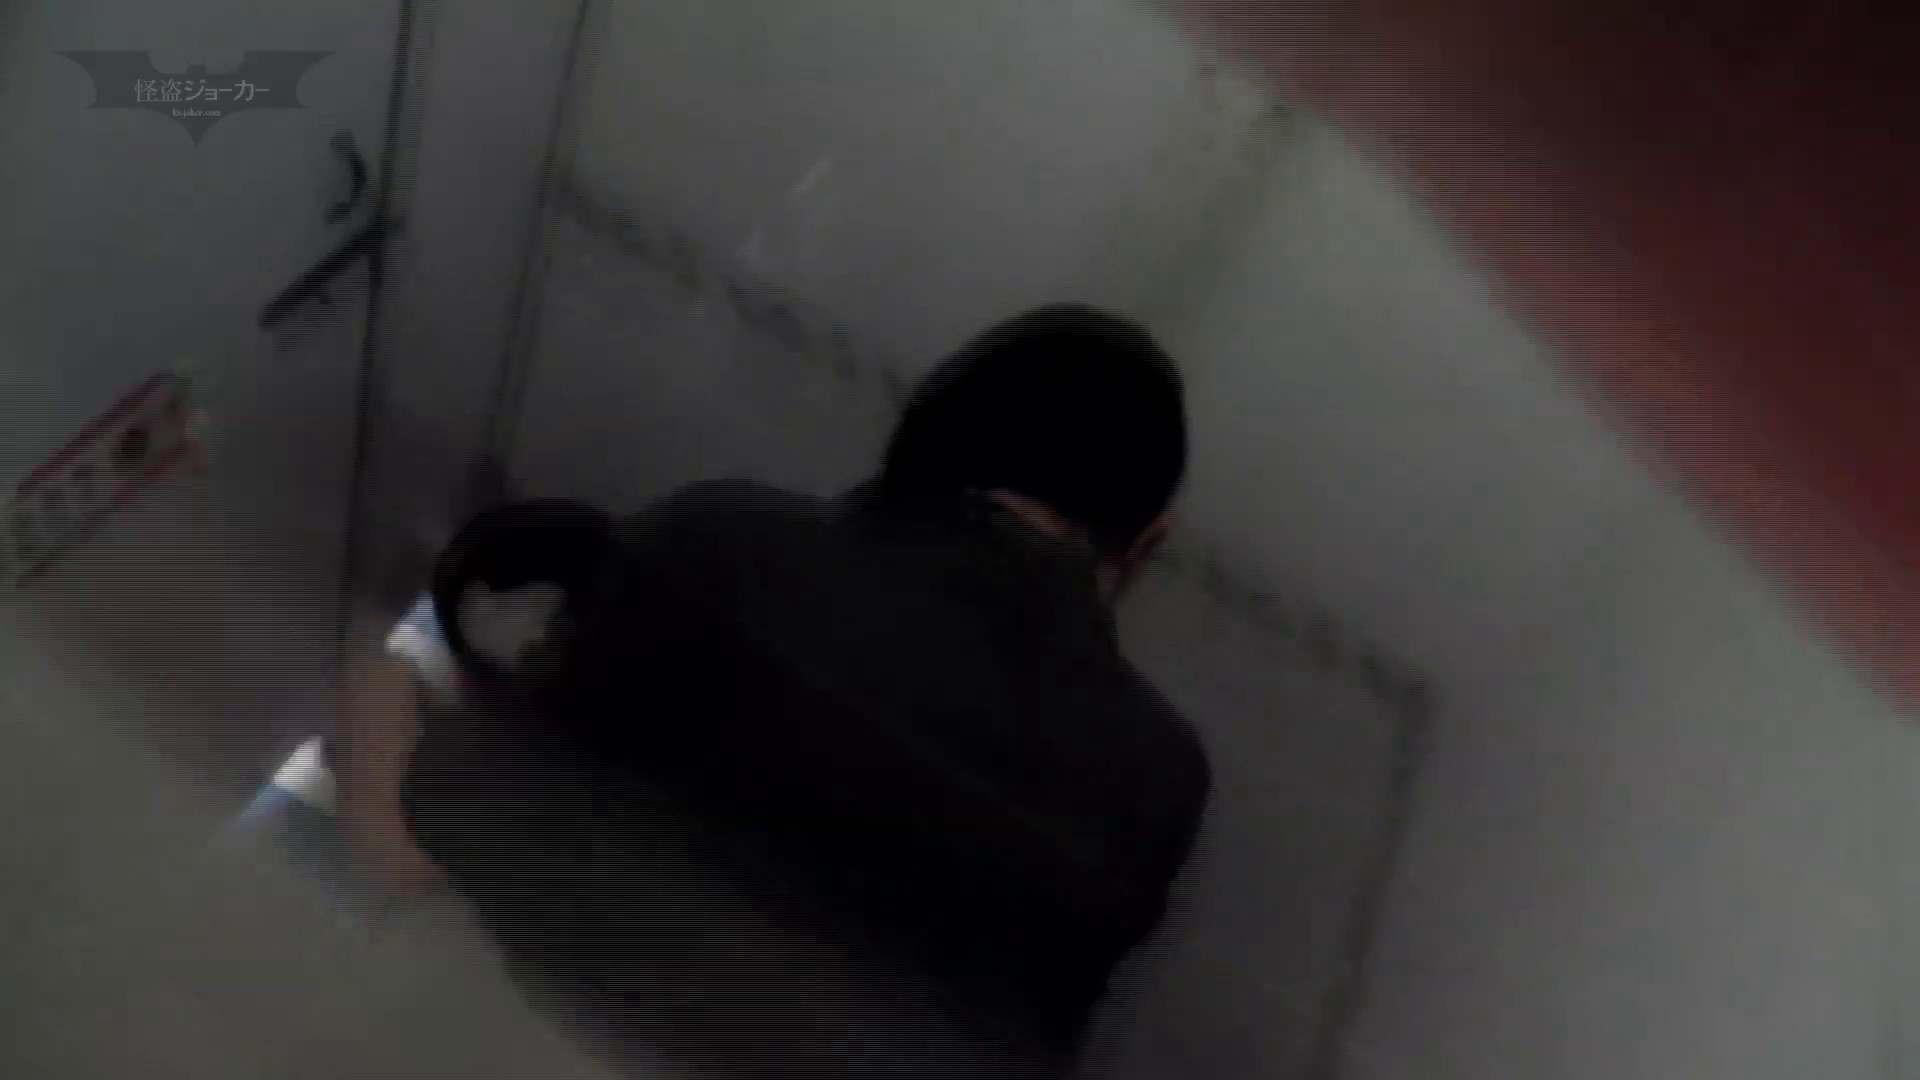 おまんこ丸見え:下からノゾム vol.031 扉を壊しみたら、漏れそうな子が閉じずに入ってくれた:怪盗ジョーカー